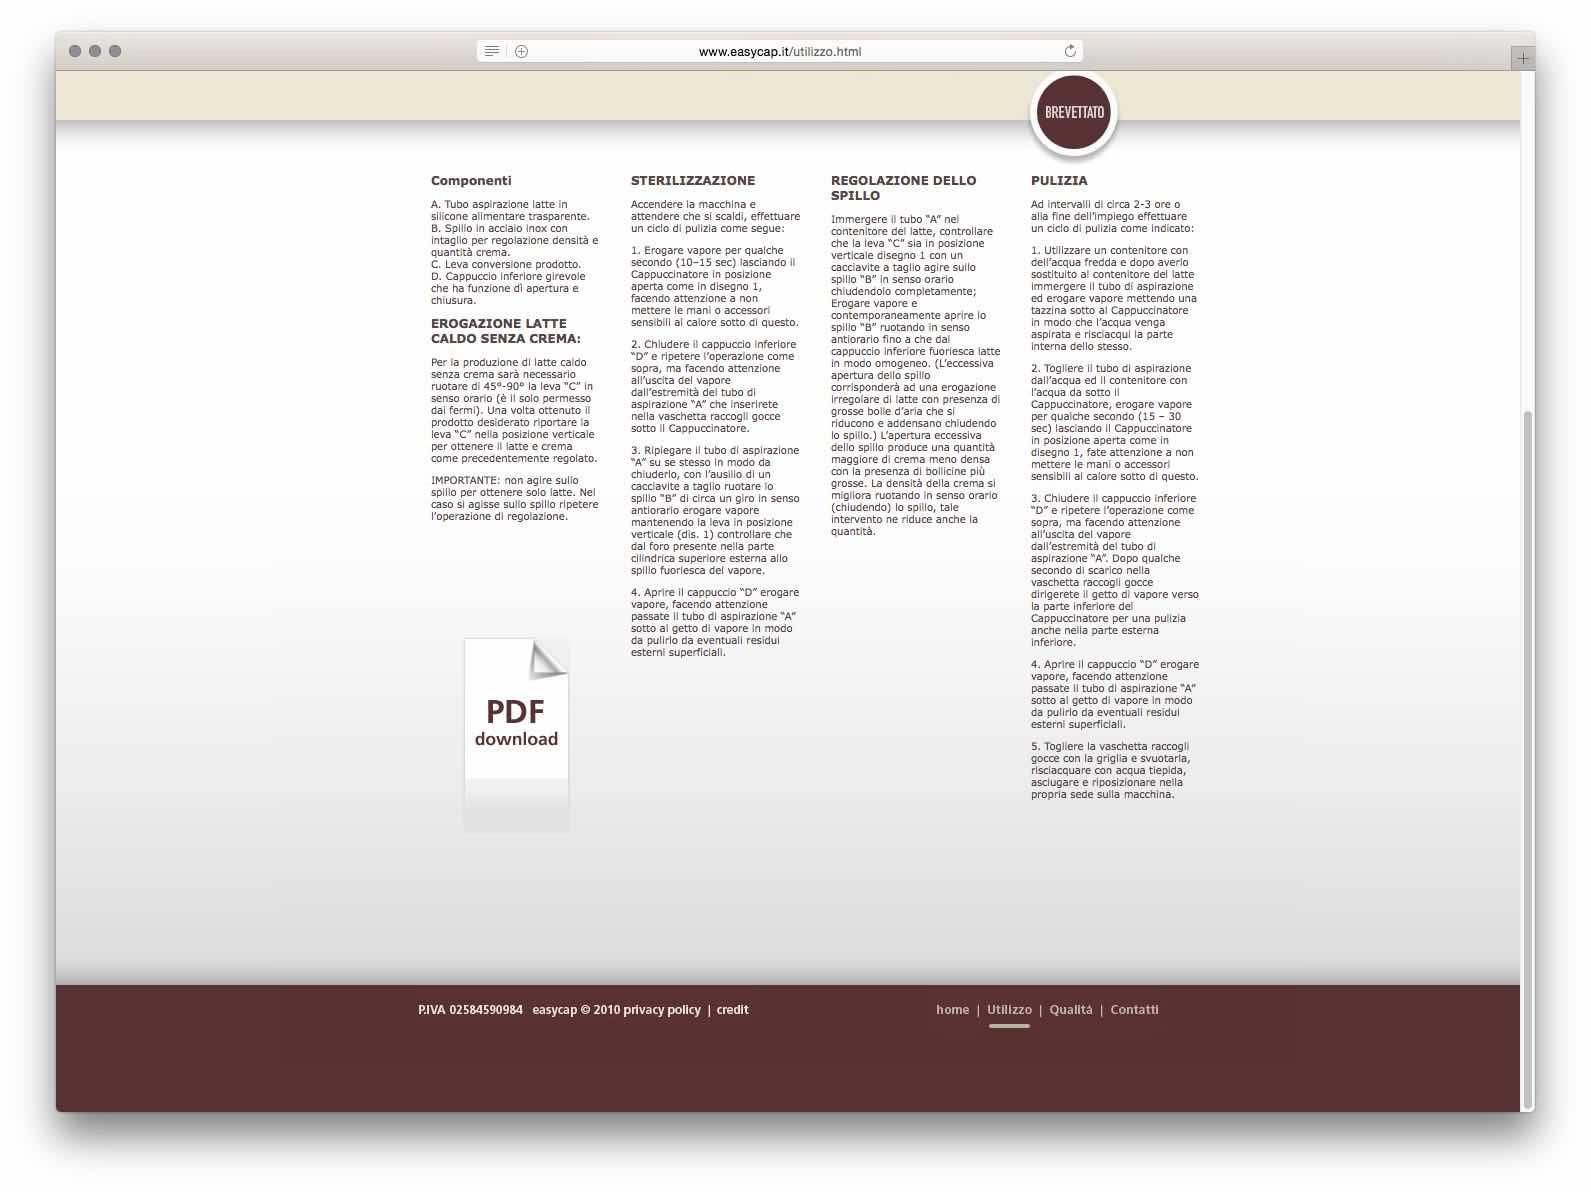 Creazione Siti Web Brescia - Sito Web Easycap